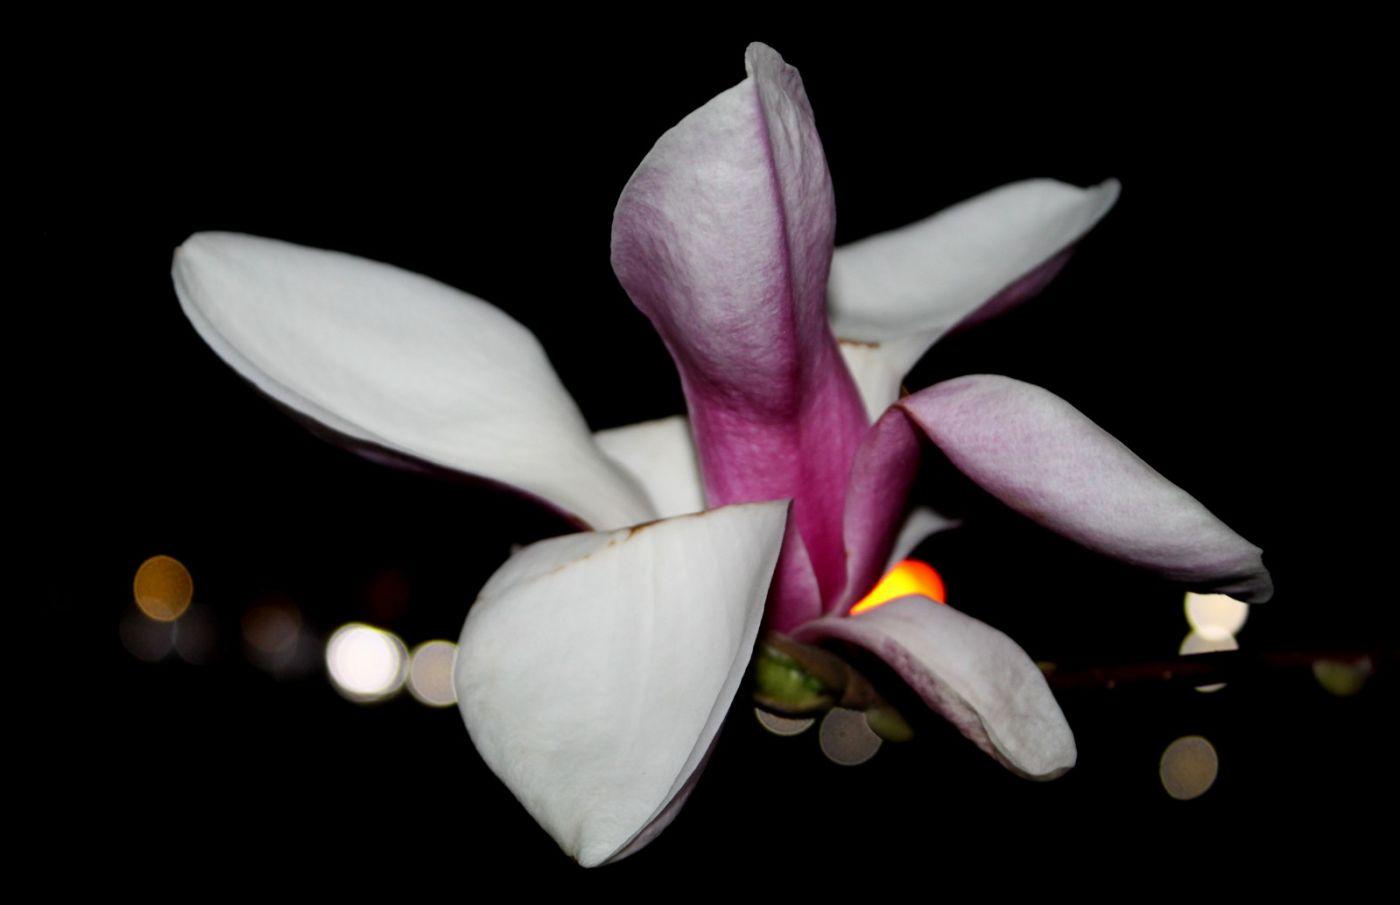 再拍紫玉兰_图1-9